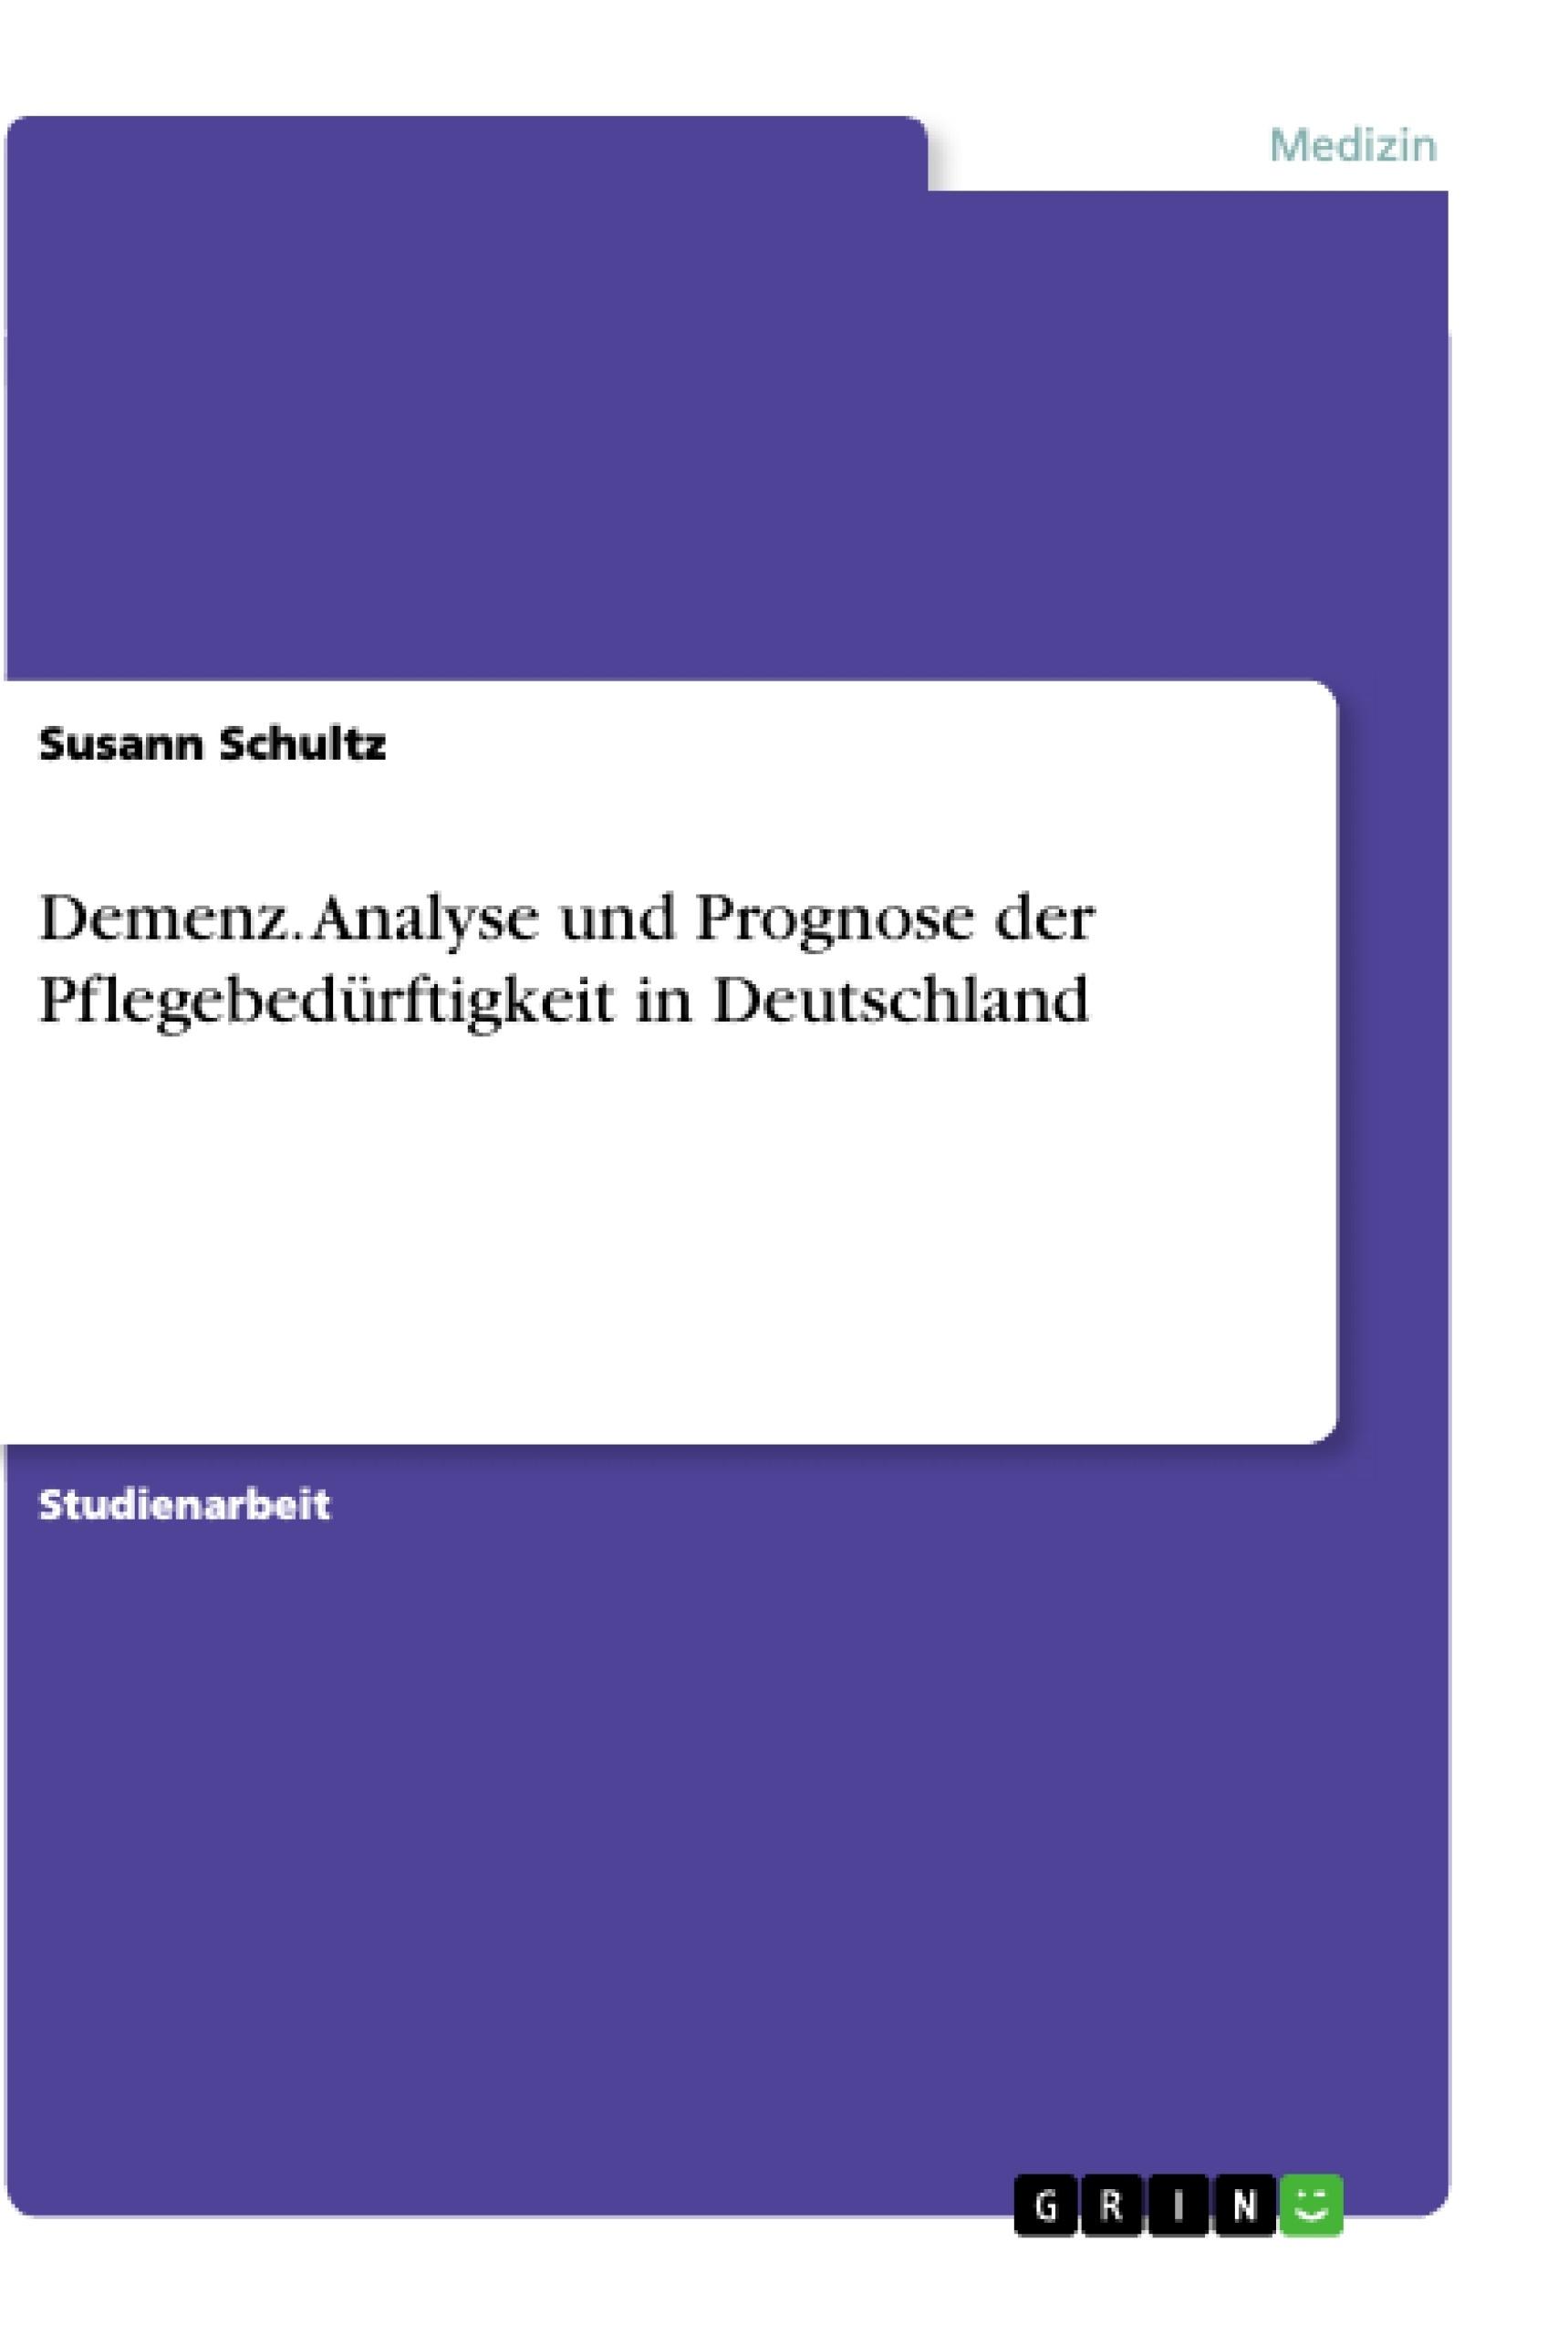 Titel: Demenz. Analyse und Prognose der Pflegebedürftigkeit in Deutschland